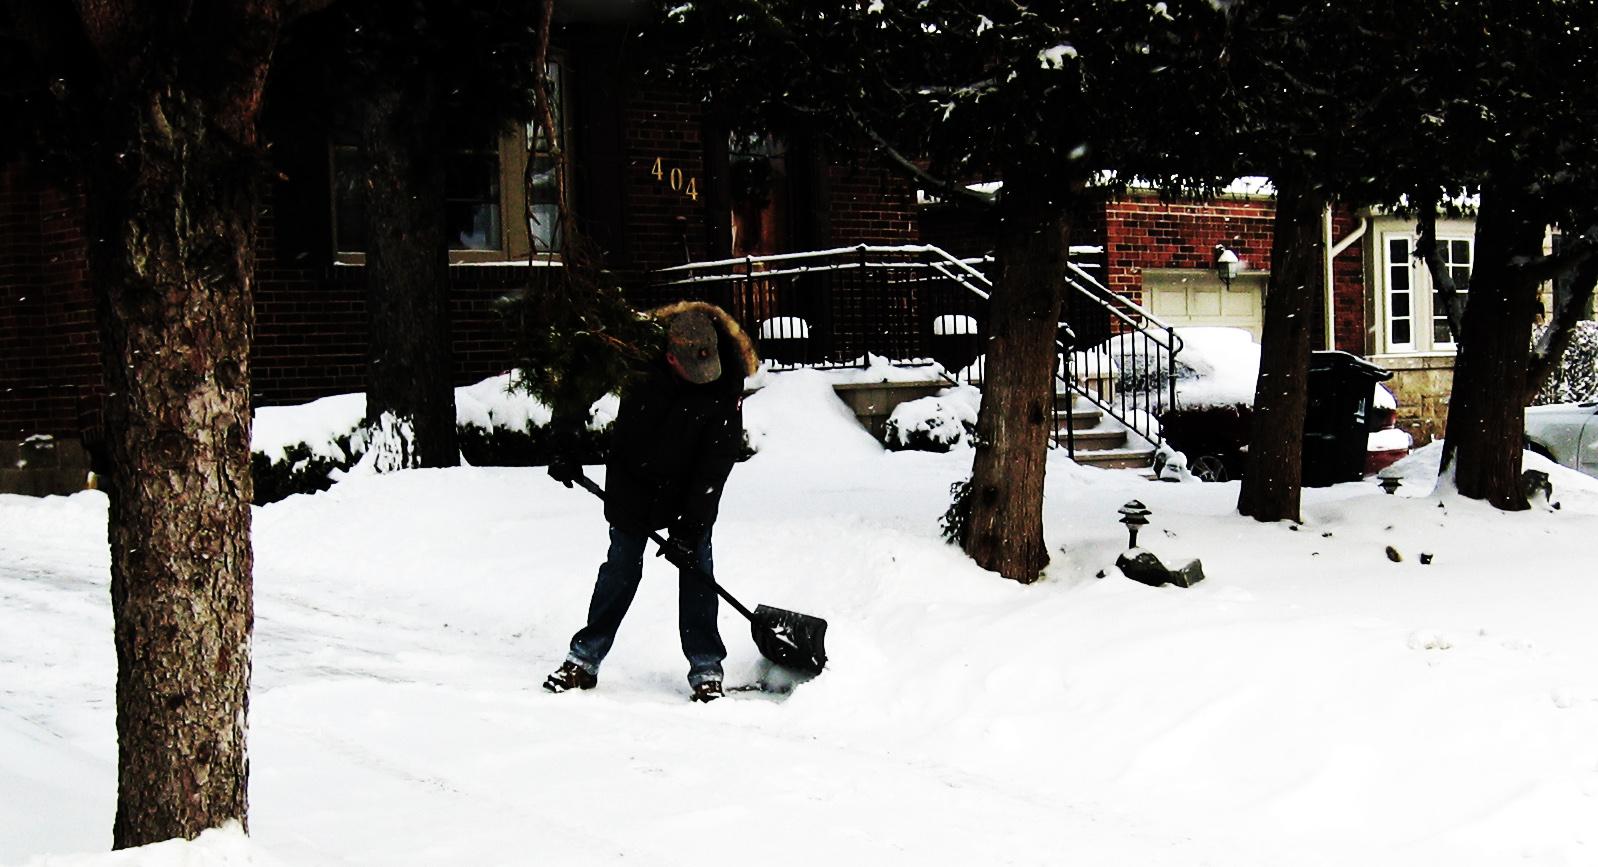 THE SNOW SHOVELLER - A' LA PIETER BRUEGHEL d.a.